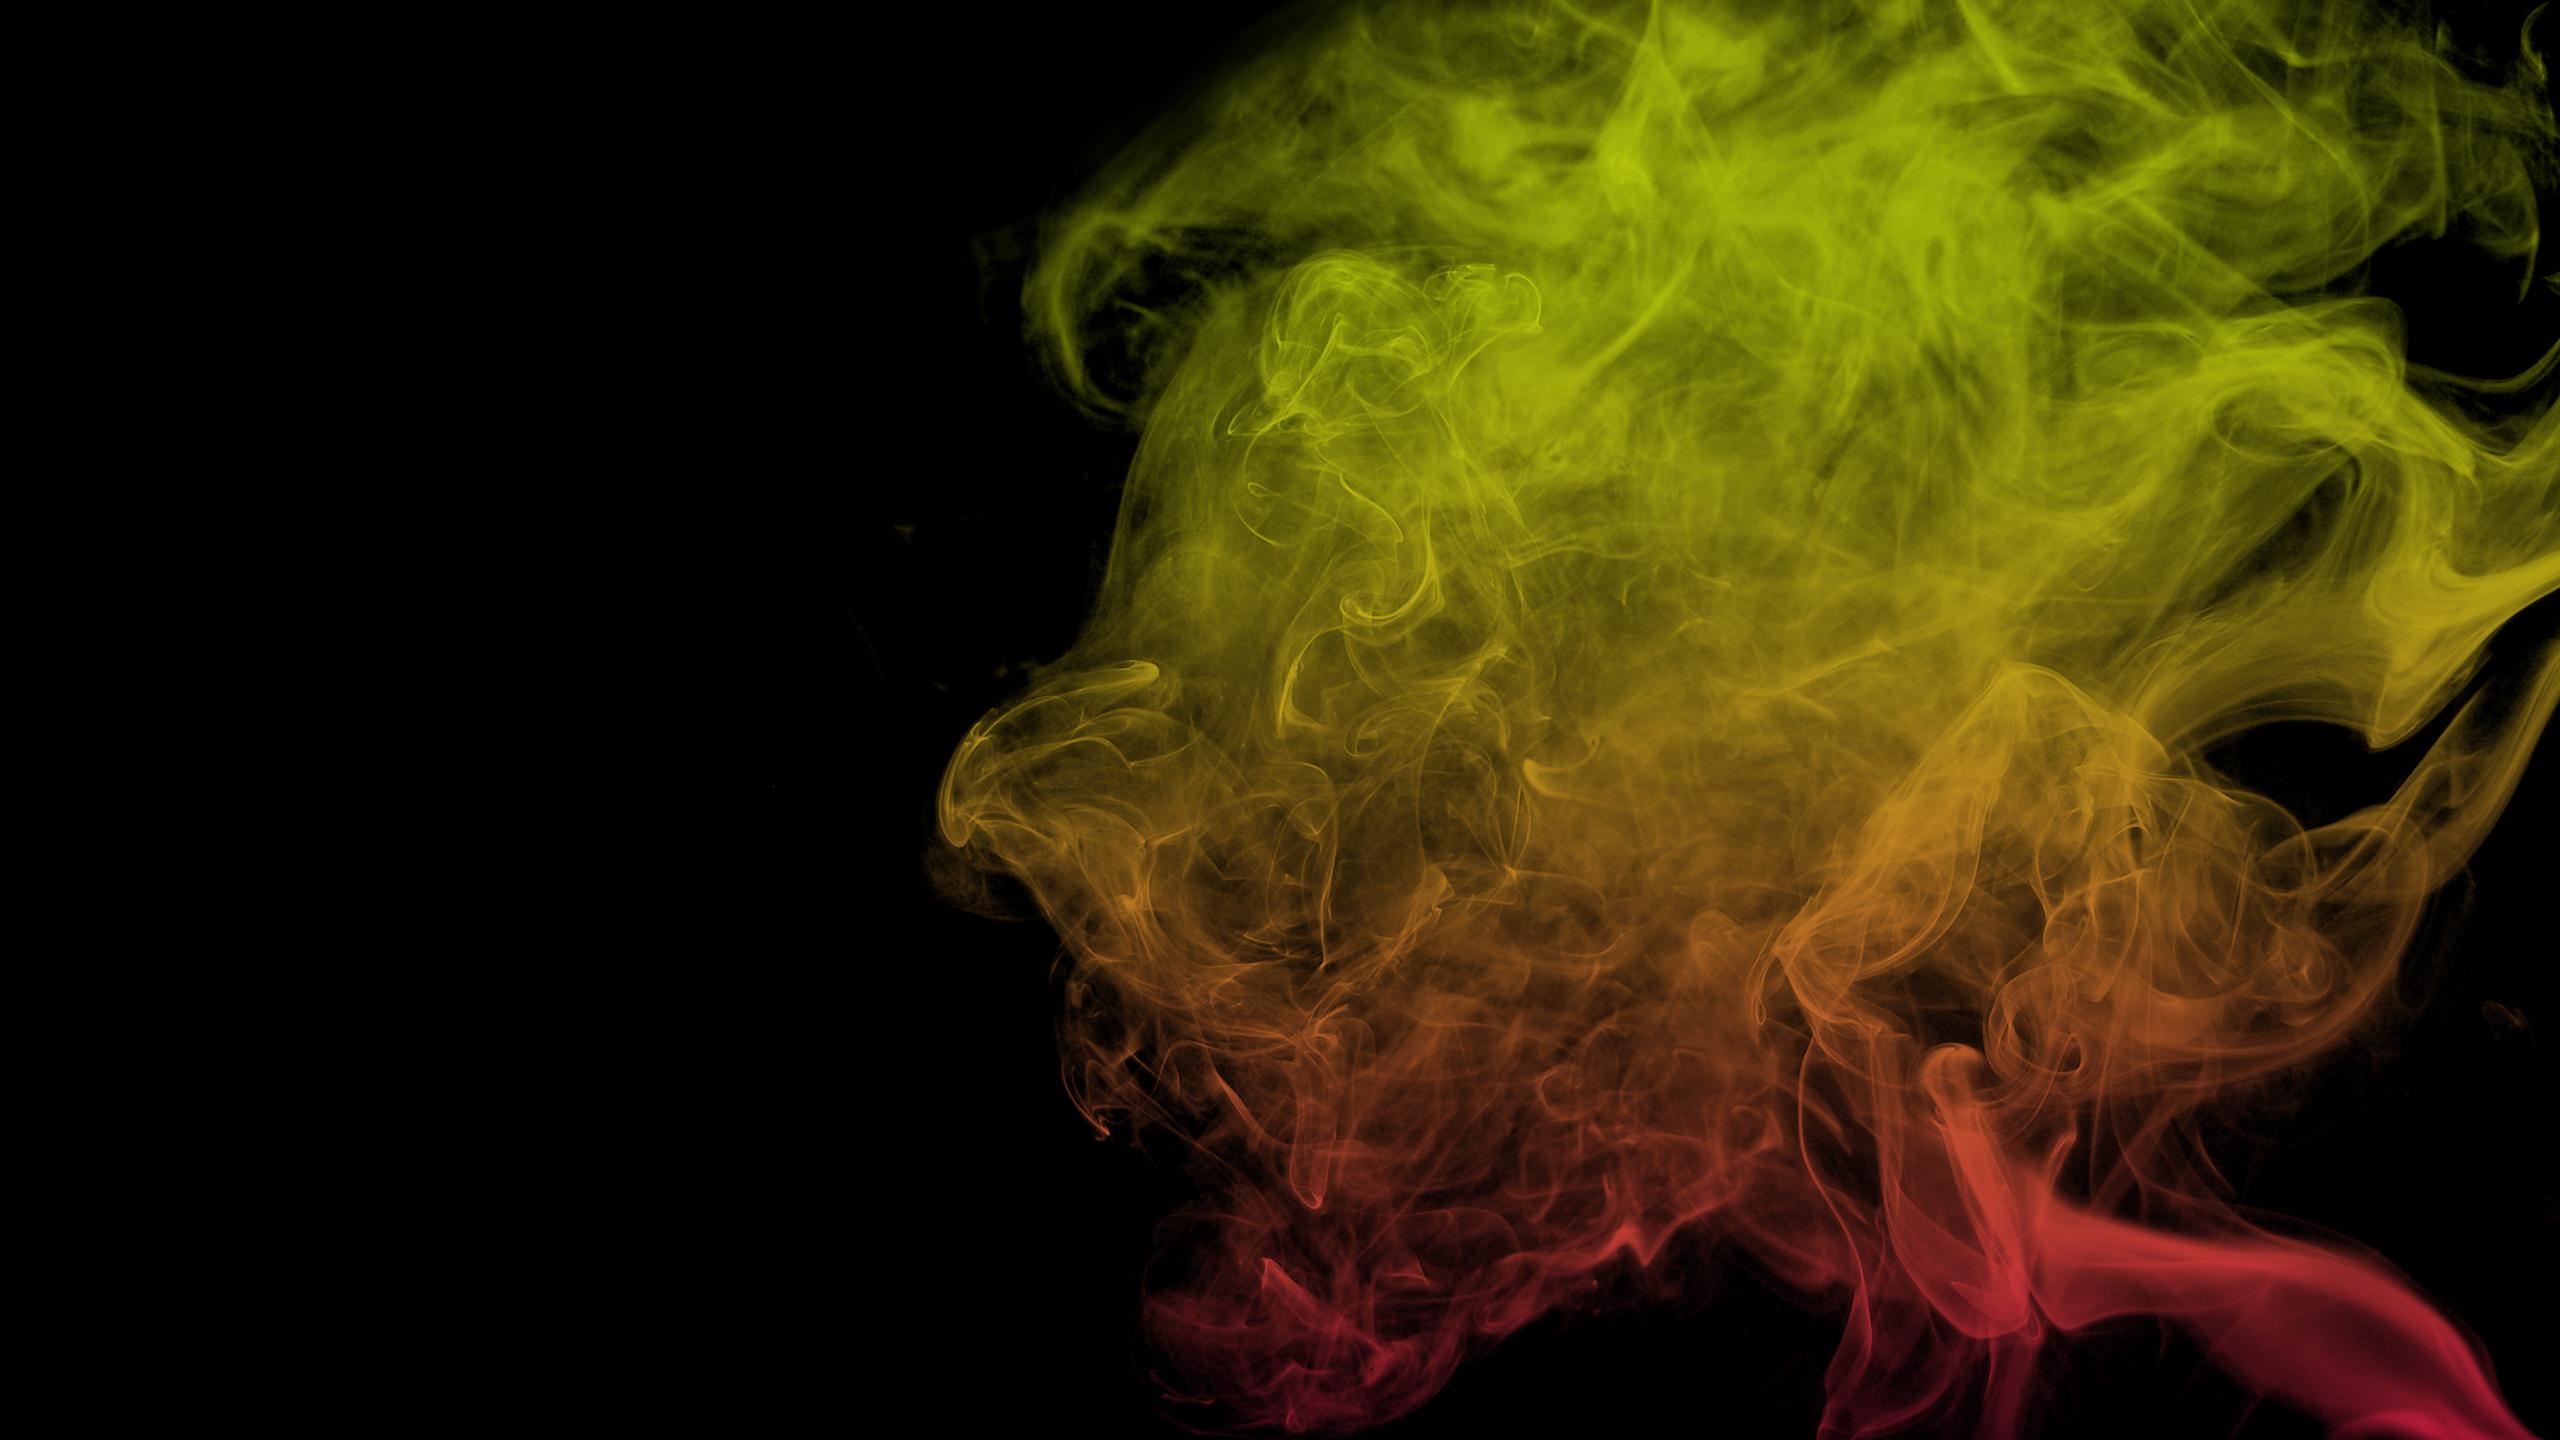 download rasta smoke wallpaper ImageBankbiz 2560x1440